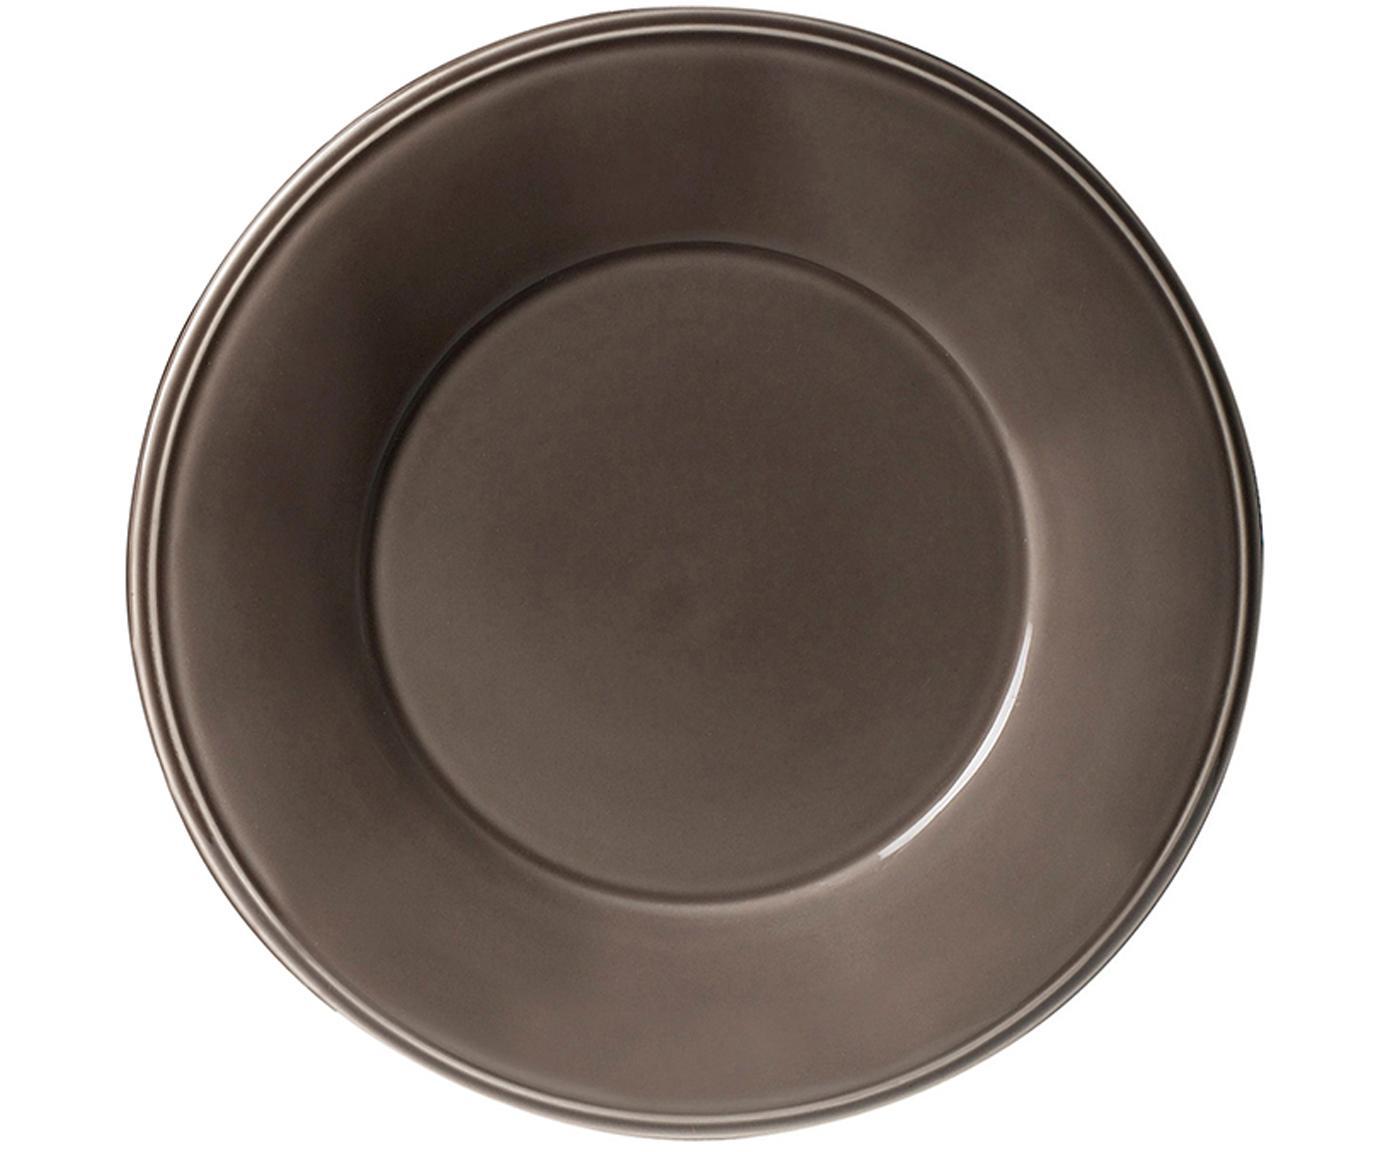 Piatto da colazione marrone Constance 2 pz, Ceramica, Marrone, Ø 24 cm